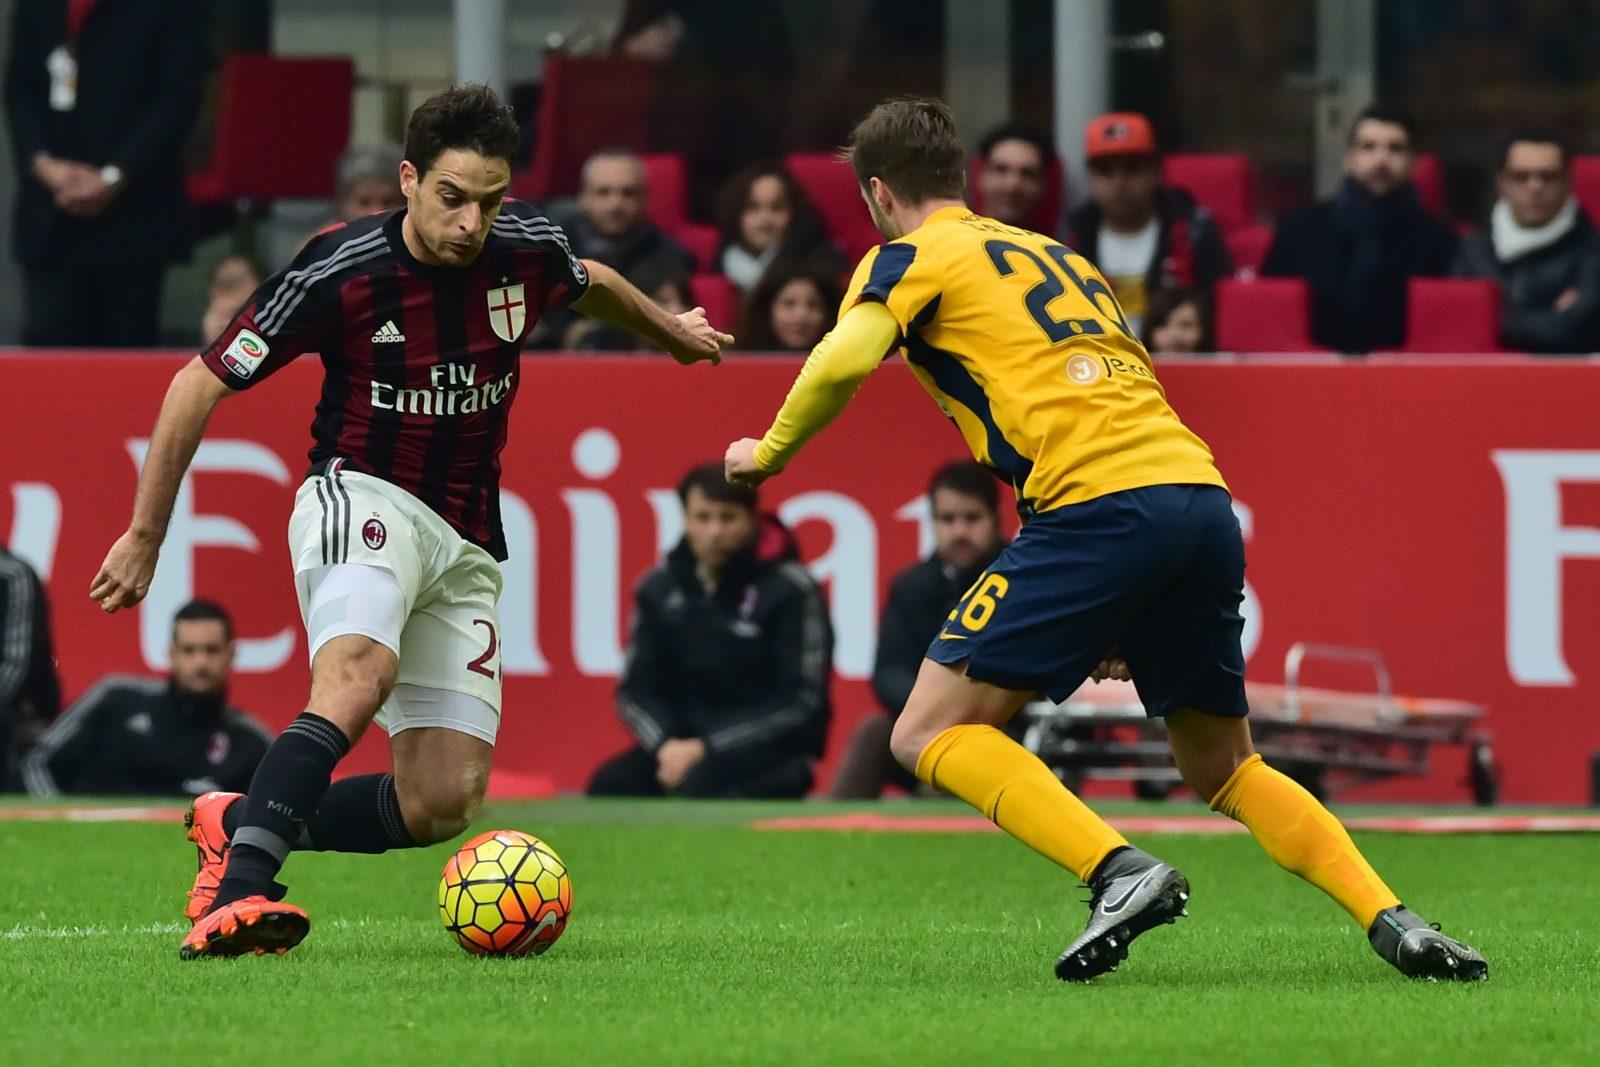 WATCH: AC Milan vs. Hellas Verona - Live on SempreMilan.com